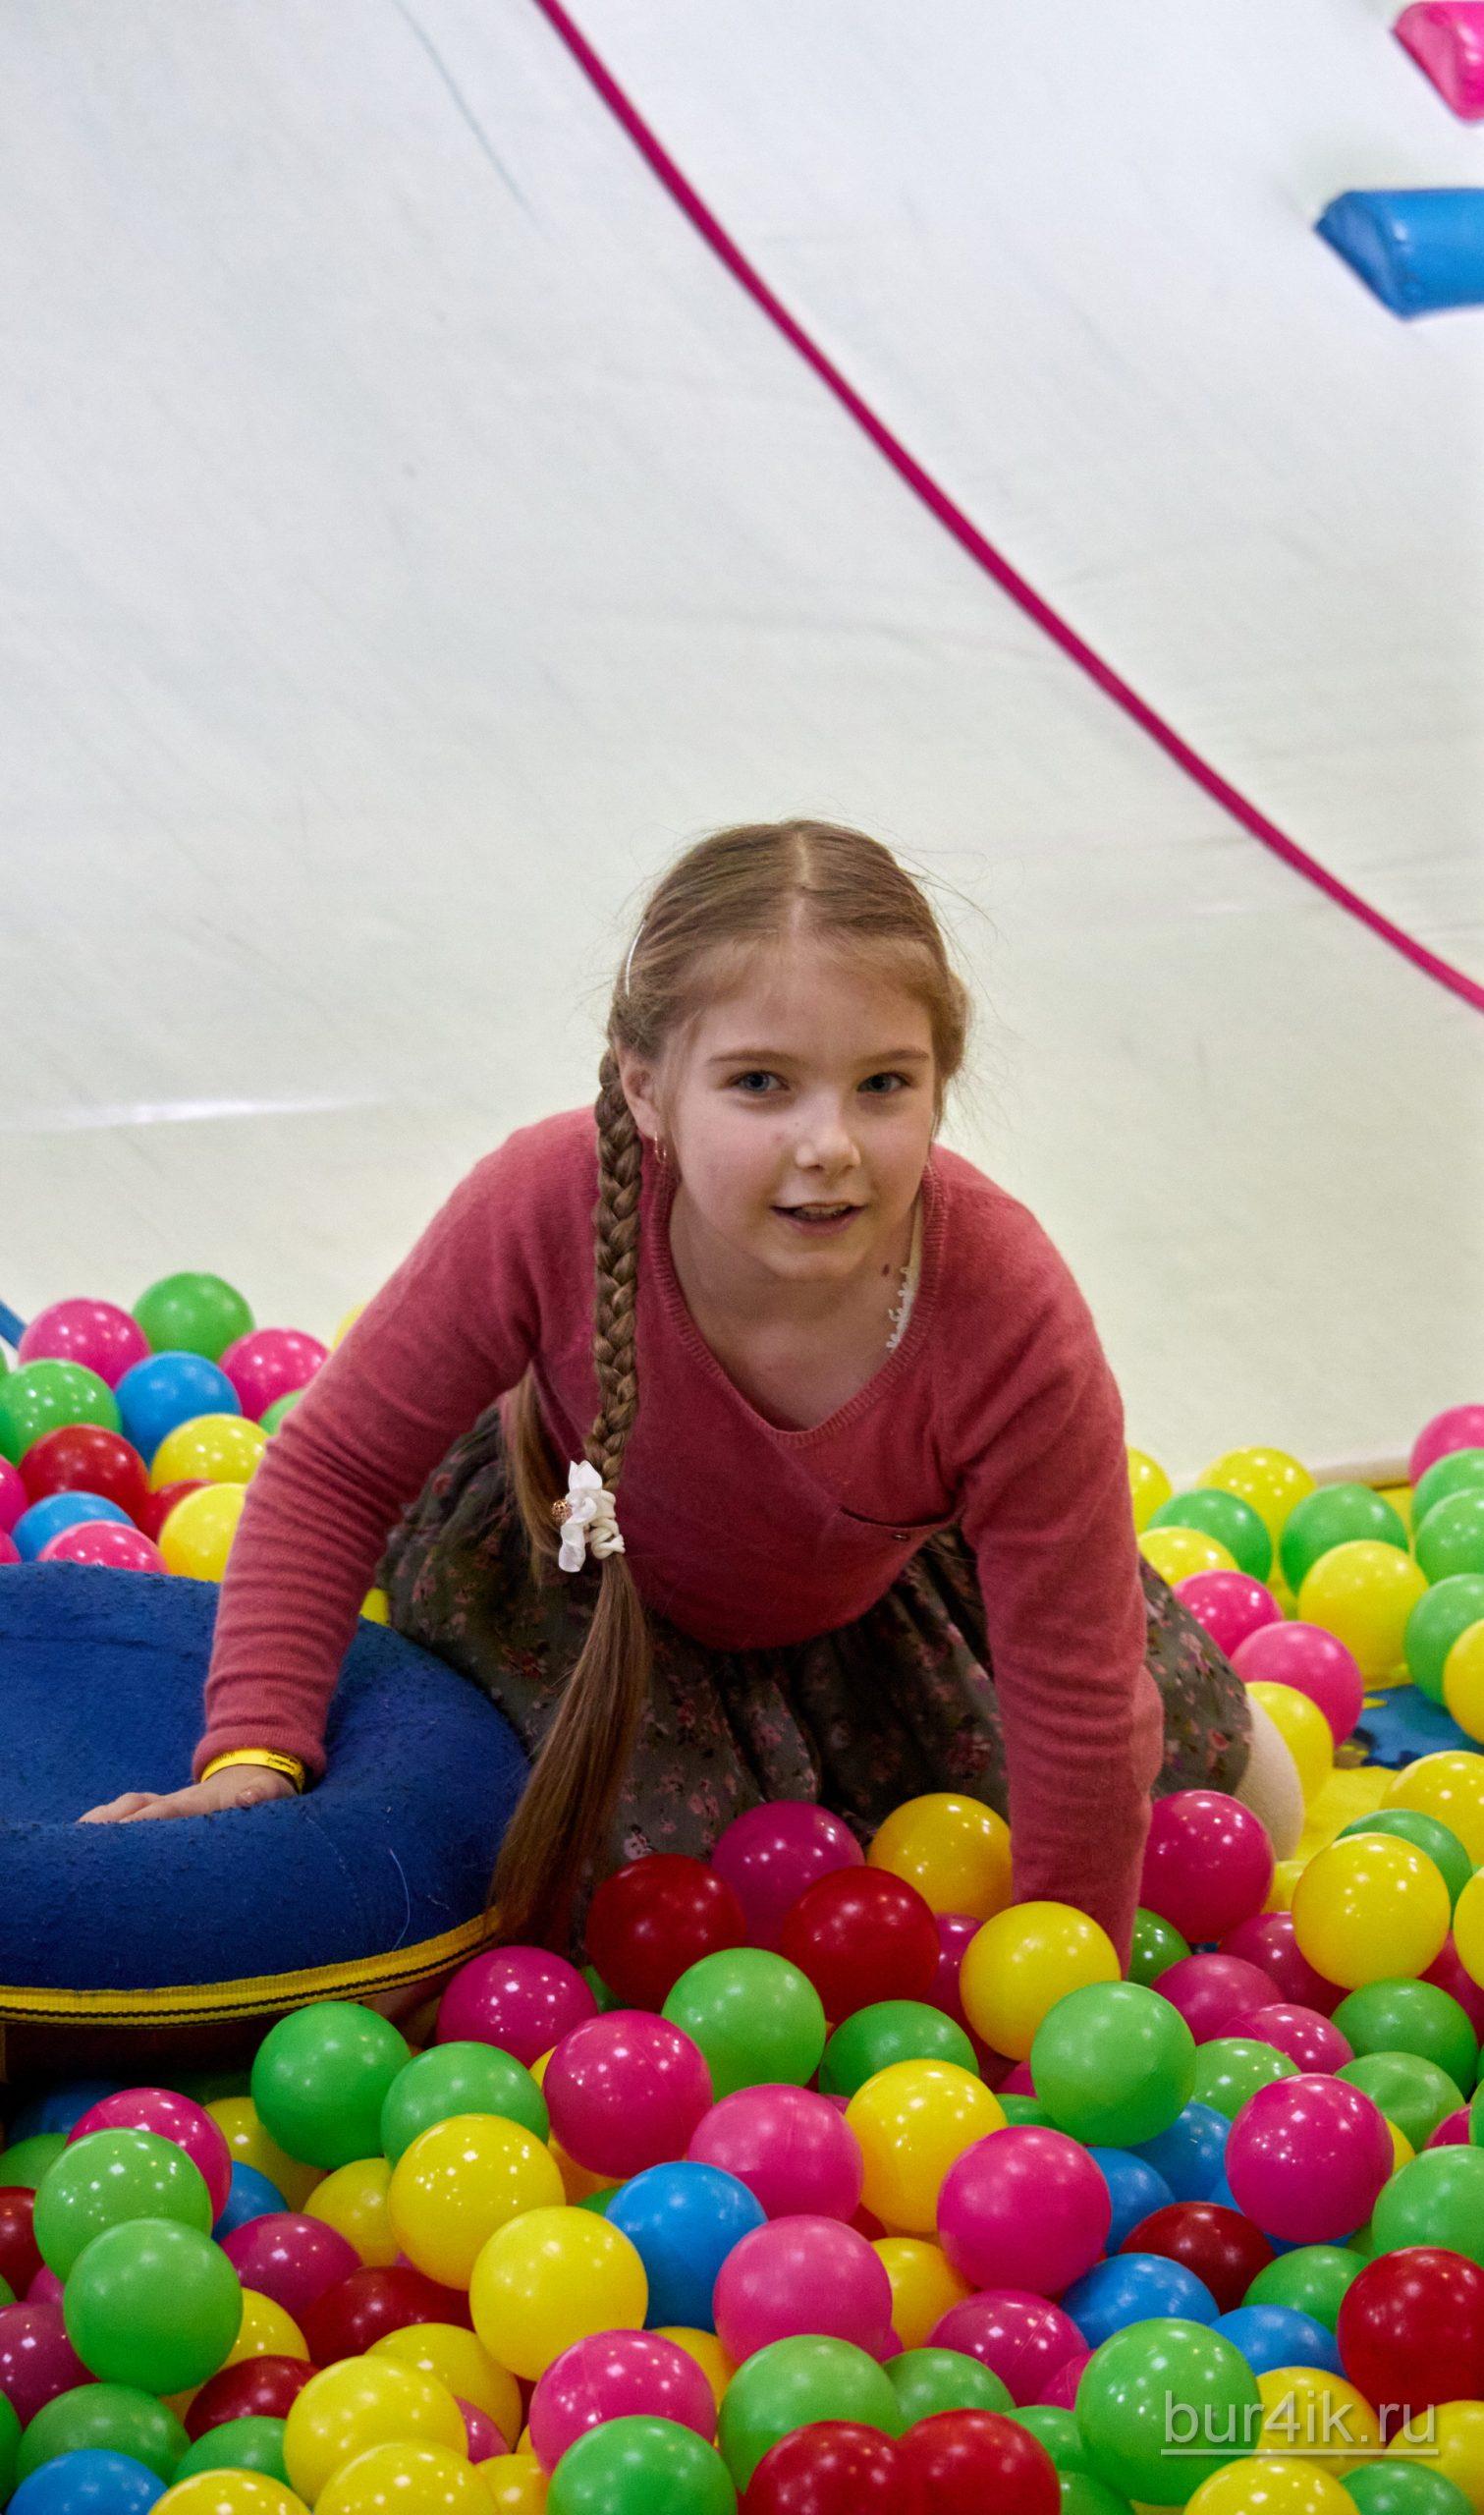 Фото Детское День Рождения в Детский Дворик 15.01.2020 №321 -photo- bur4ik.ru